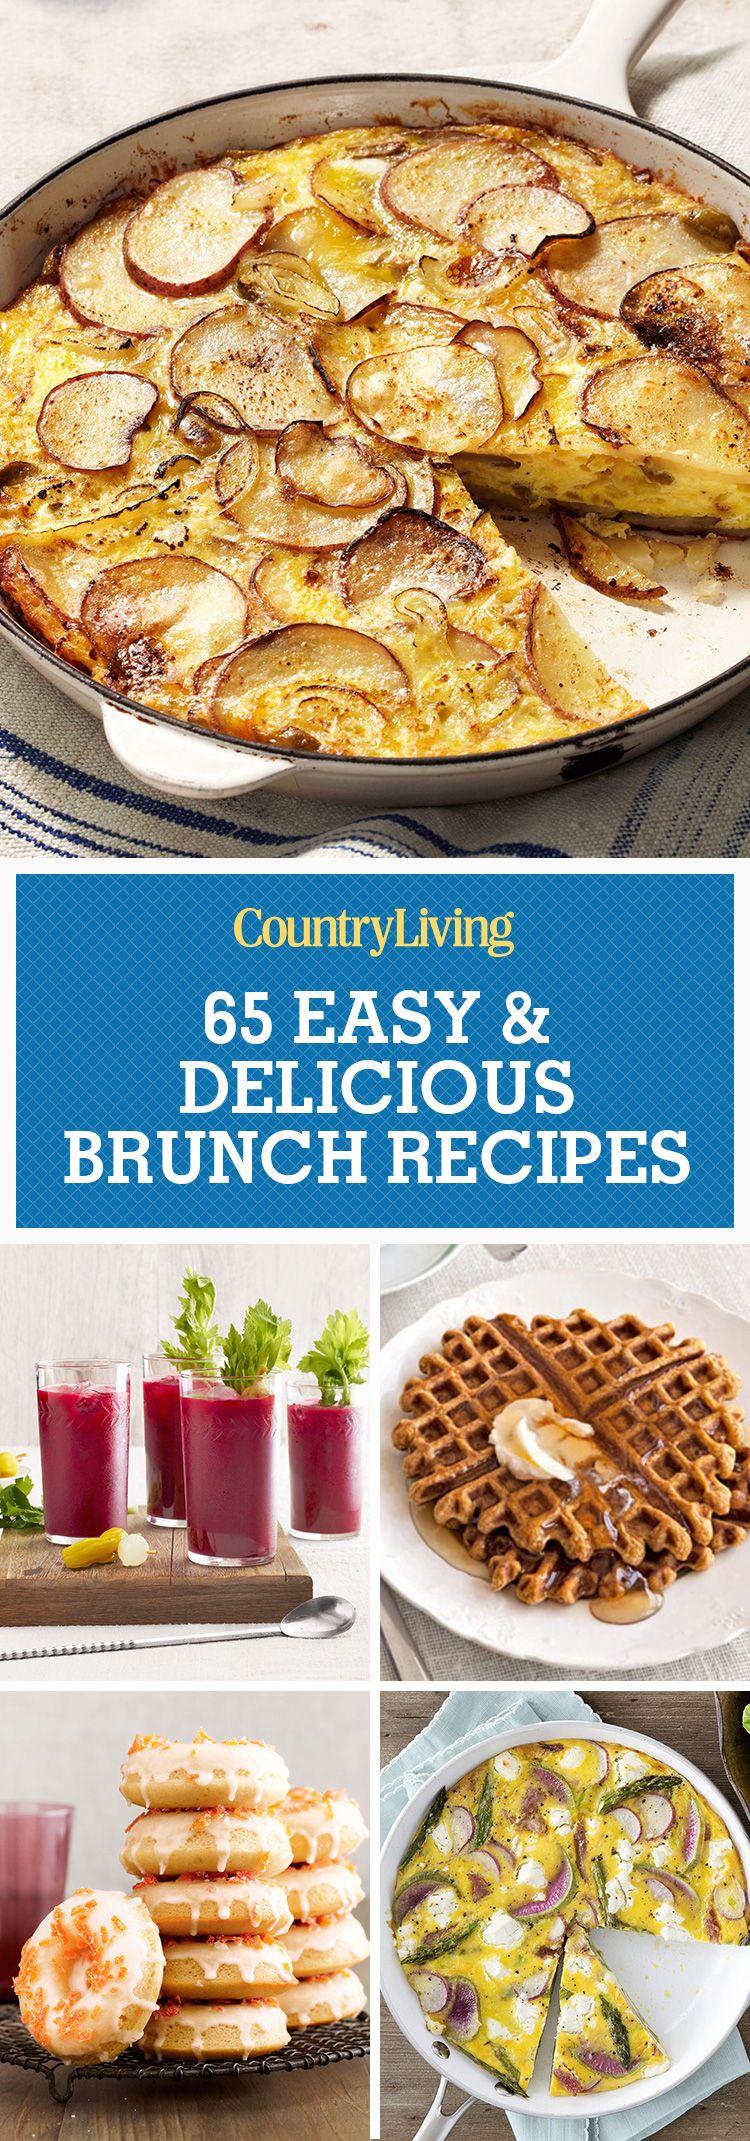 80 Easy Brunch Recipes